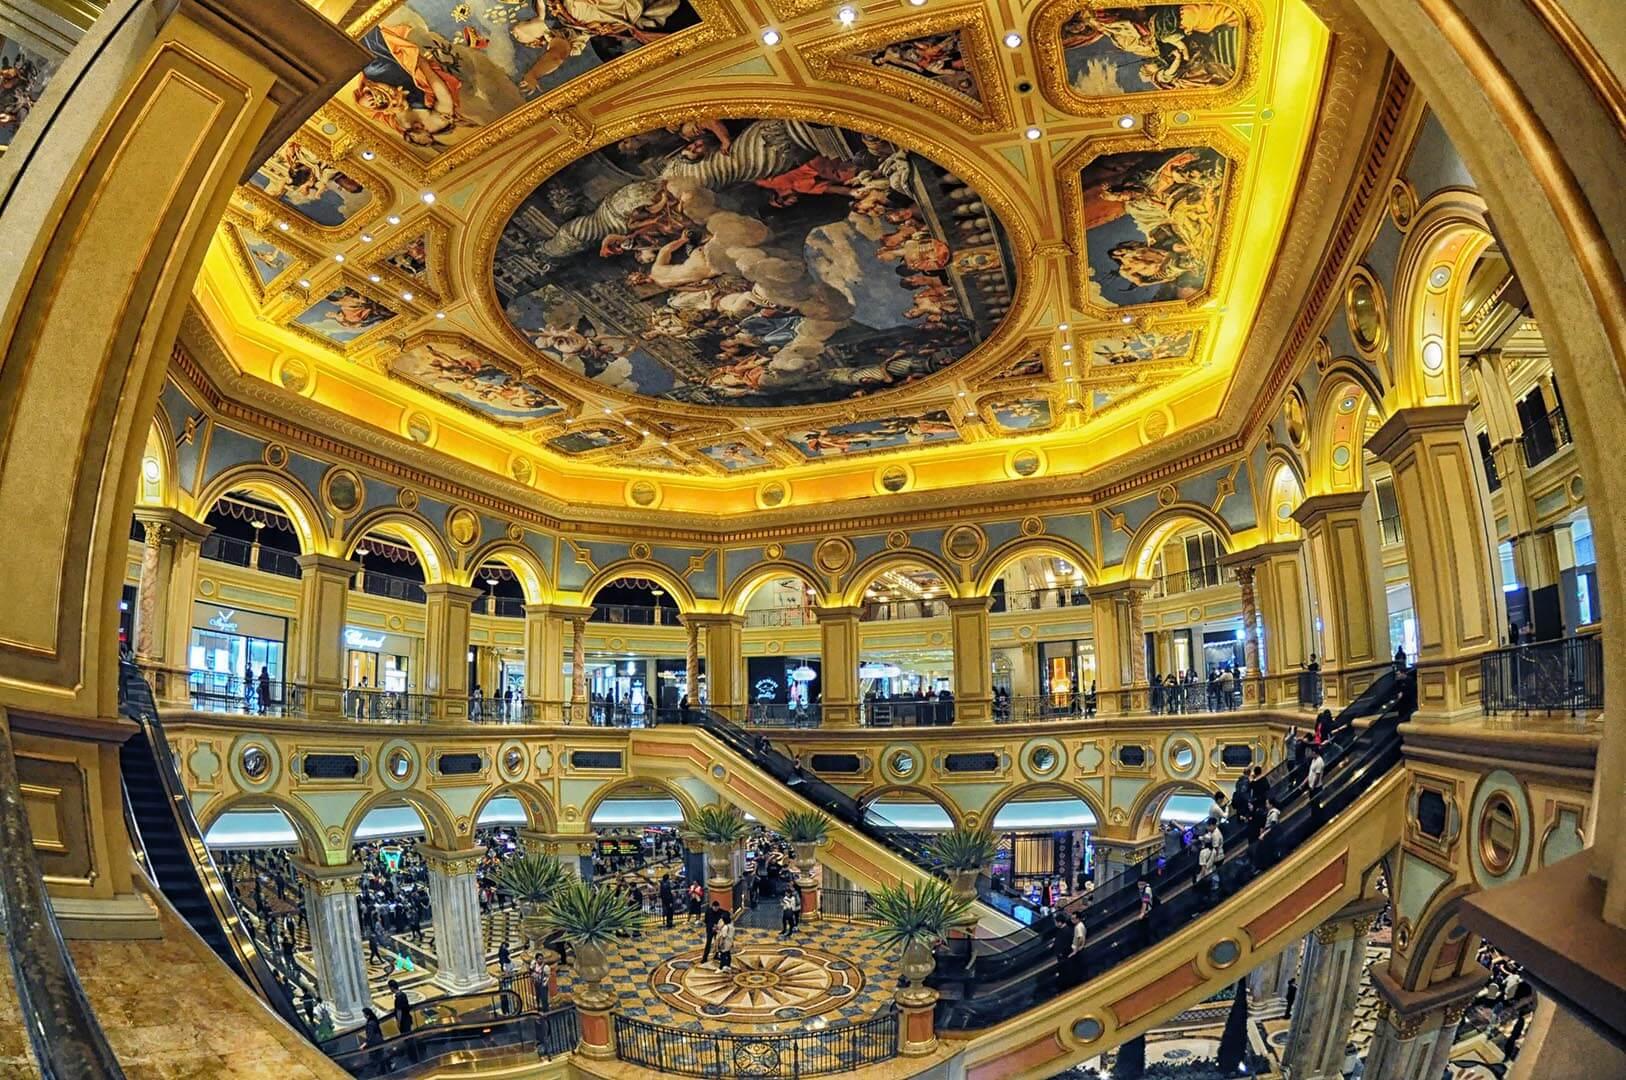 Ka-Pak KONG Great Hall Side View